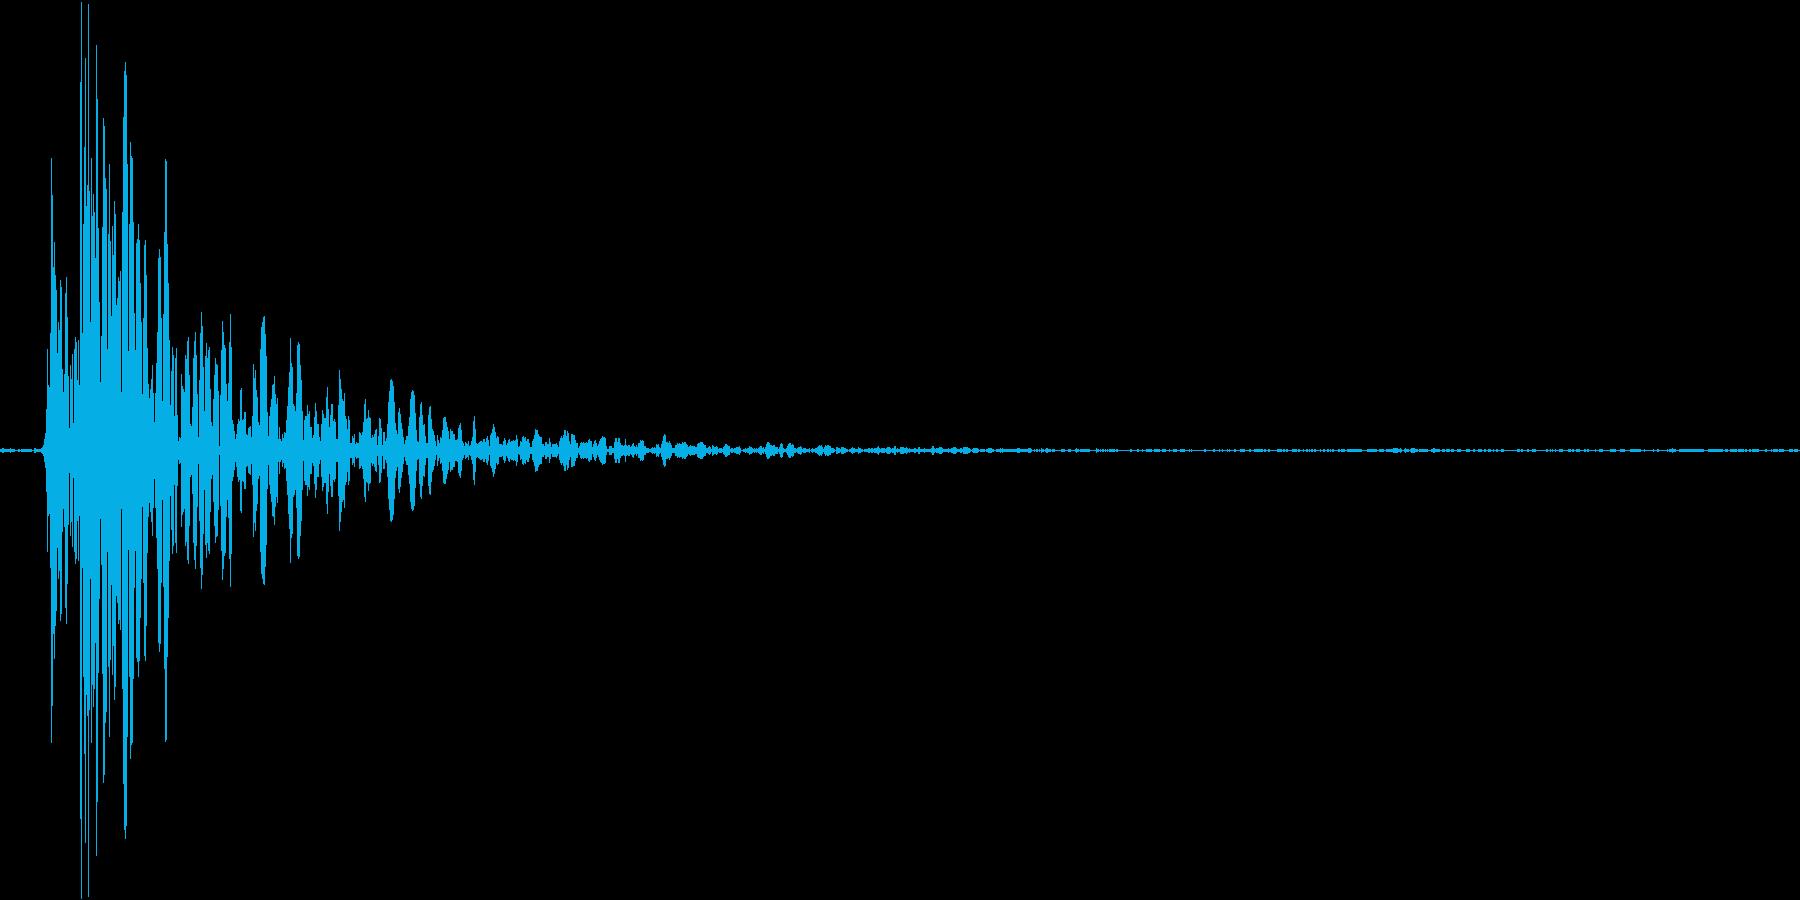 札束をドサッと置いた音の再生済みの波形